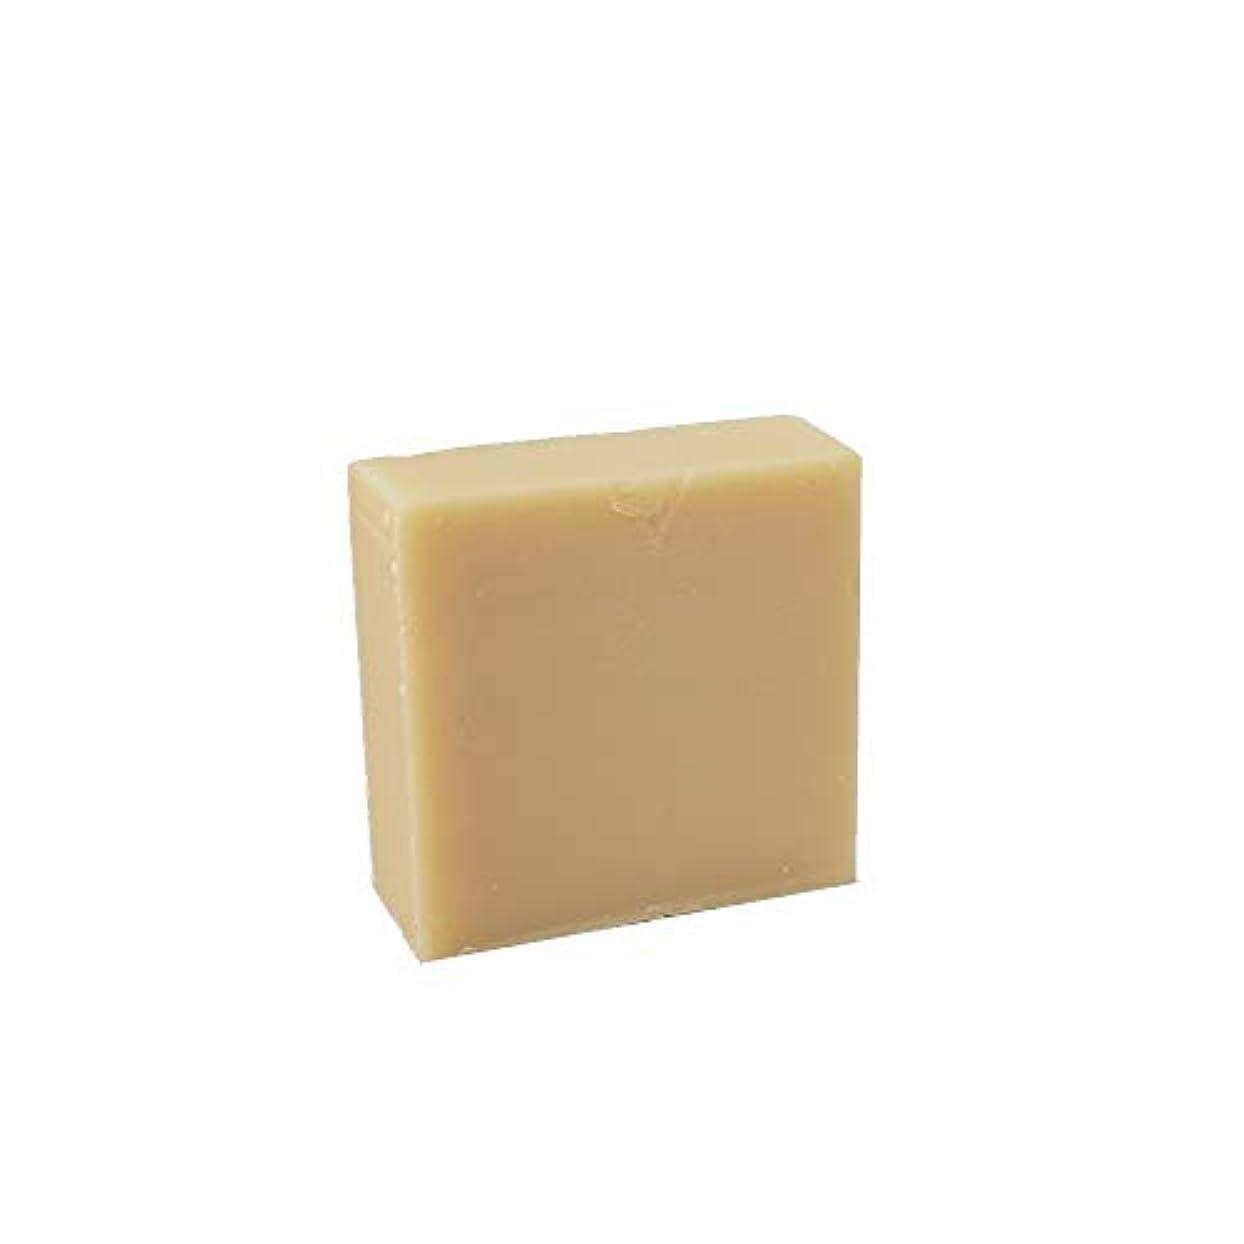 バルブ頬公平な石けん工房花華のマヌカハニー石鹸 コールドプロセス製法 80g